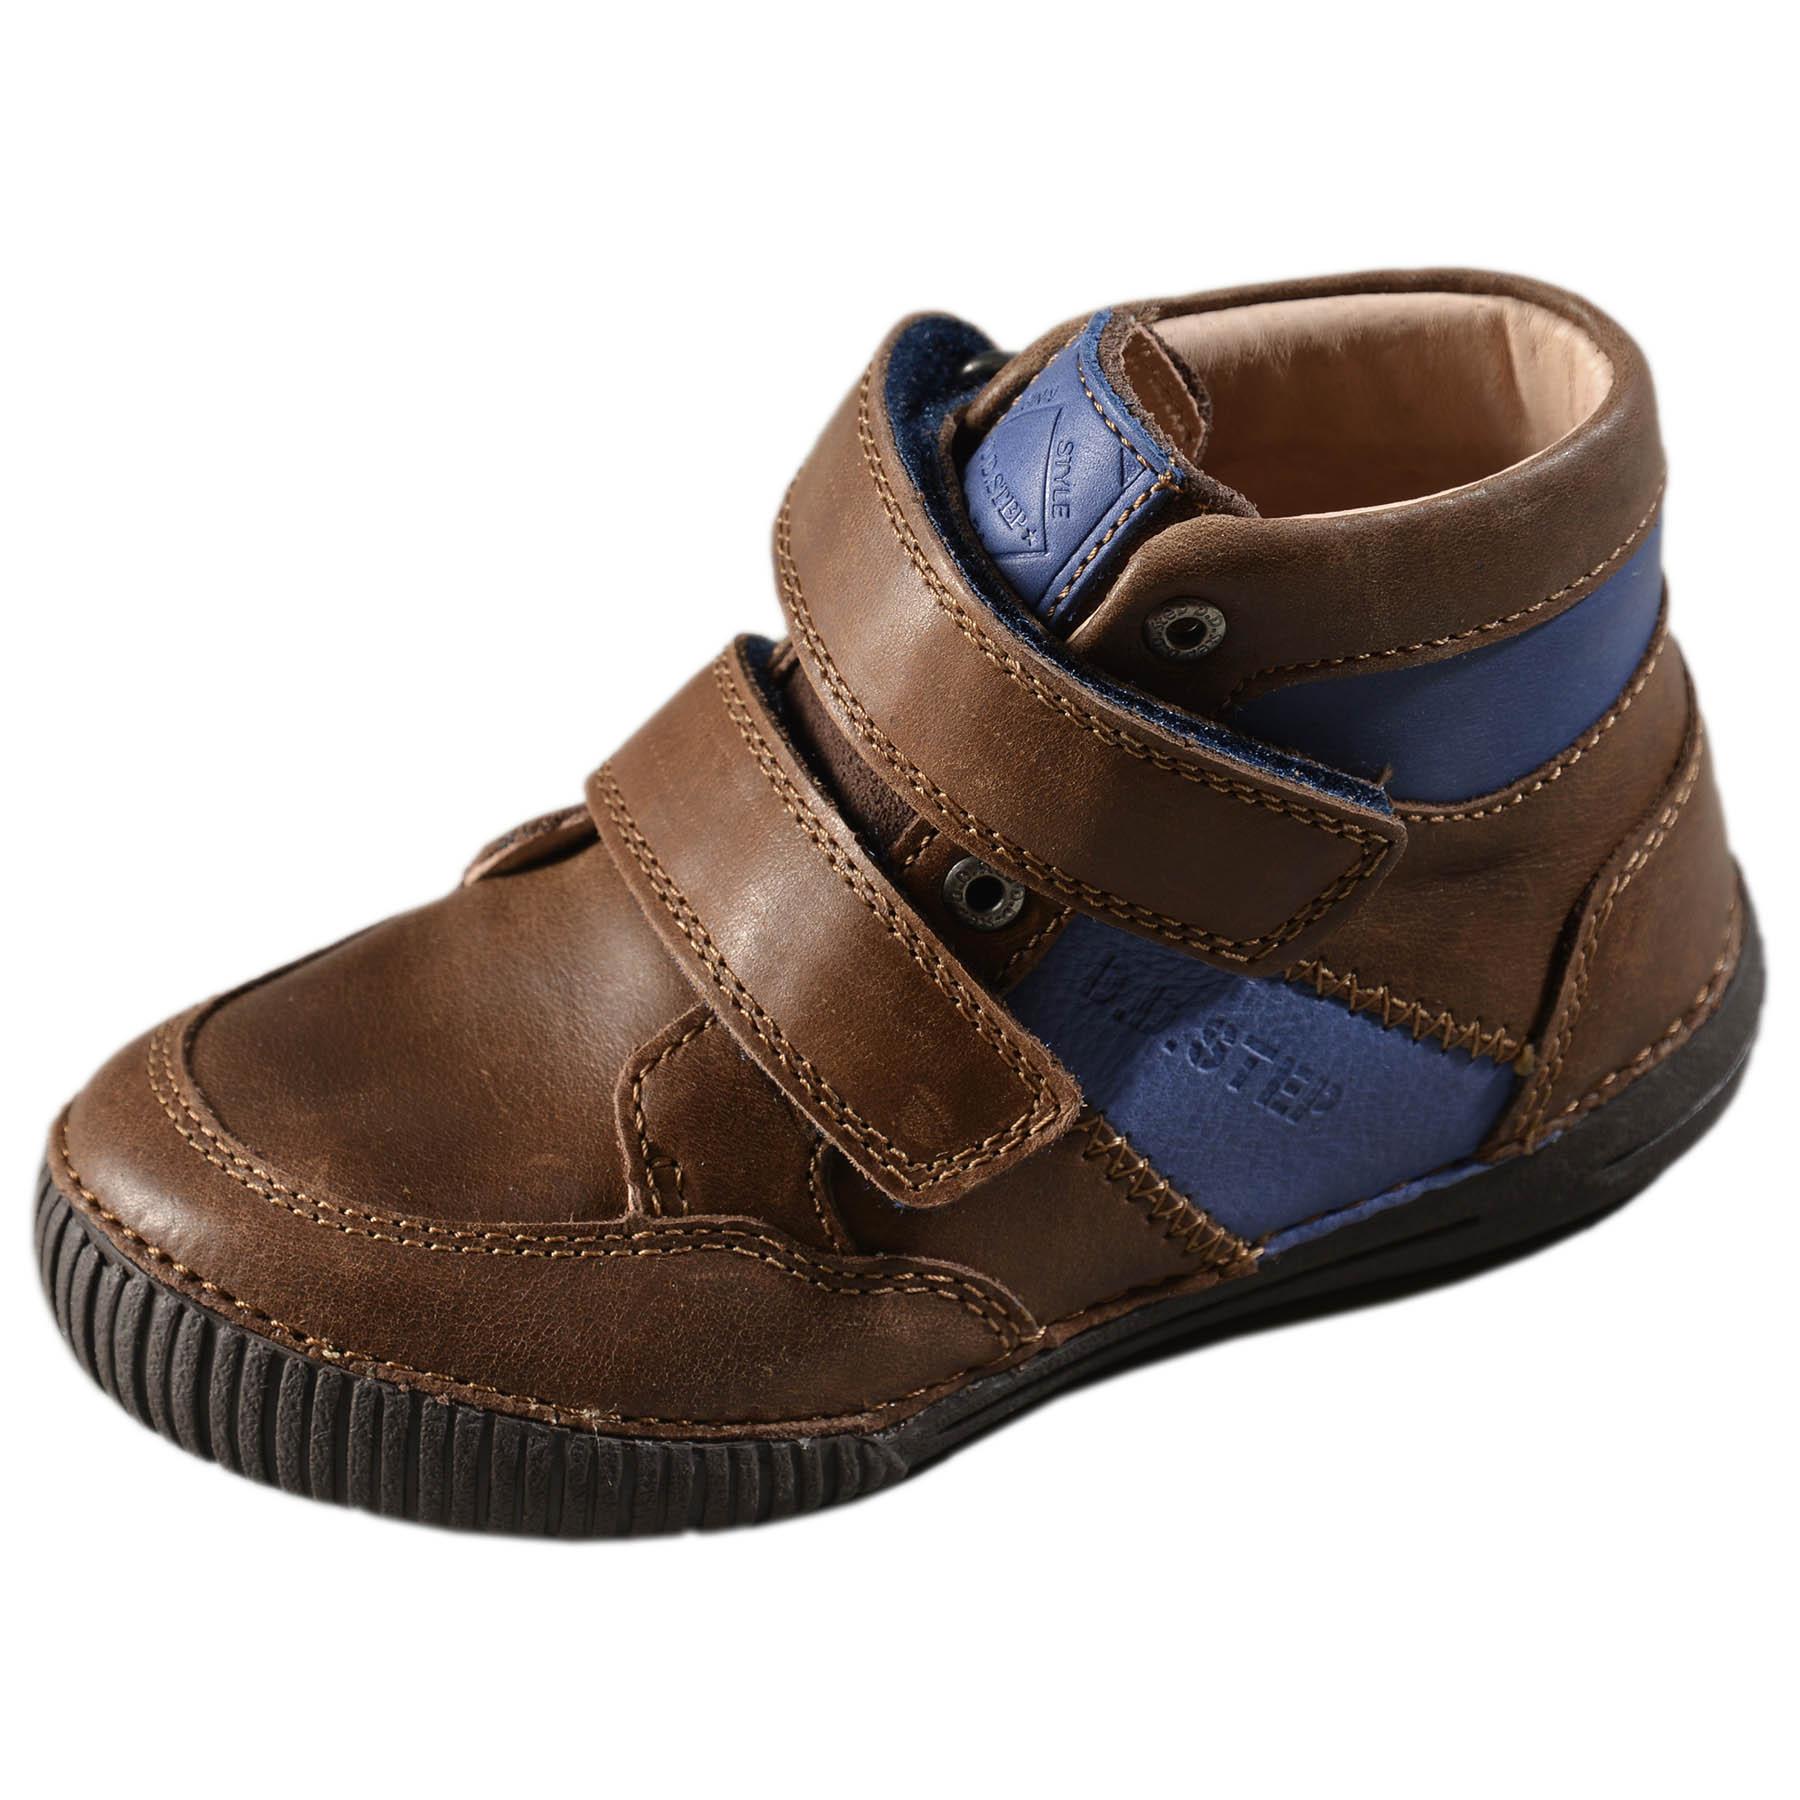 e16025e2c Chlapčenské prechodné kožené topánky-Chocolate DDstep - 036-706L ...